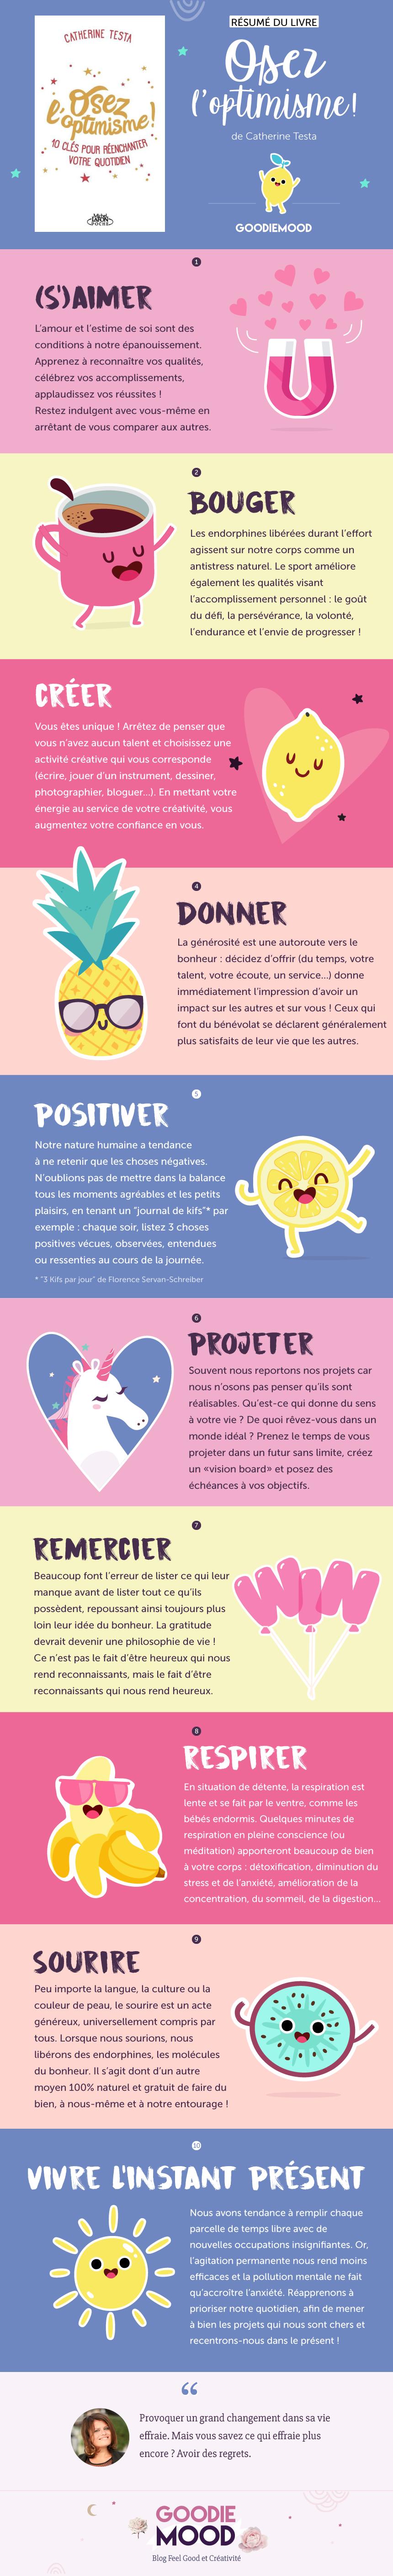 """Résumé du livre """"Osez l'Optimisme, 10 clés pour réenchanter le quotidien"""" de Catherine Testa 💗 Sur Goodie Mood le blog Feel Good 🌟#optimisme #developpementpersonnel #catherinetesta #bonheur"""